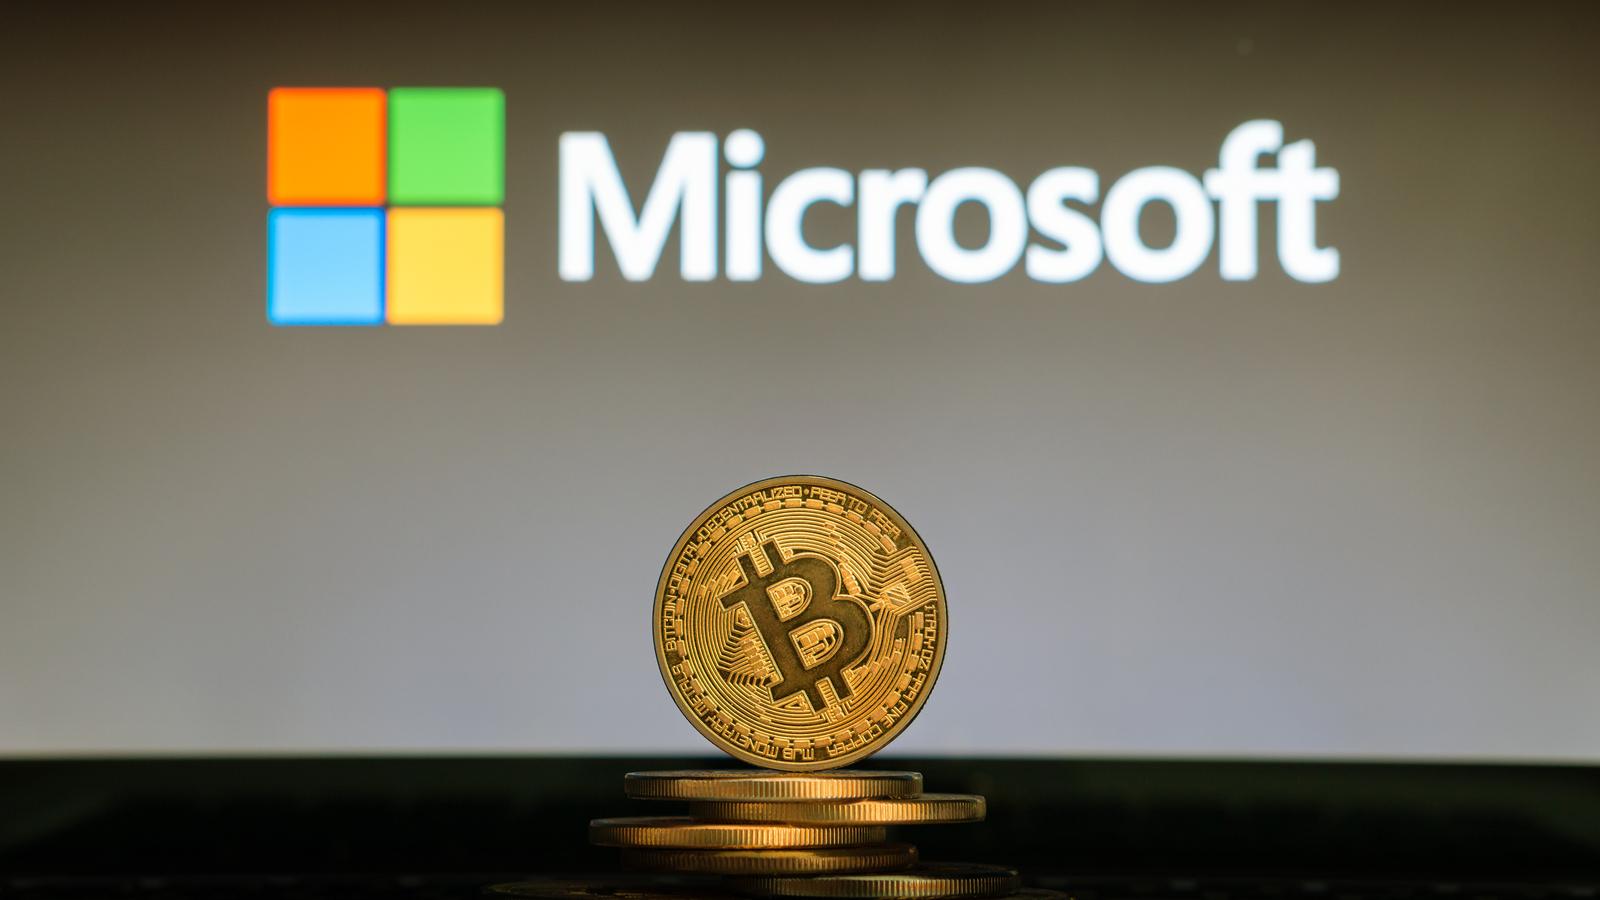 plata microsoft bitcoin)